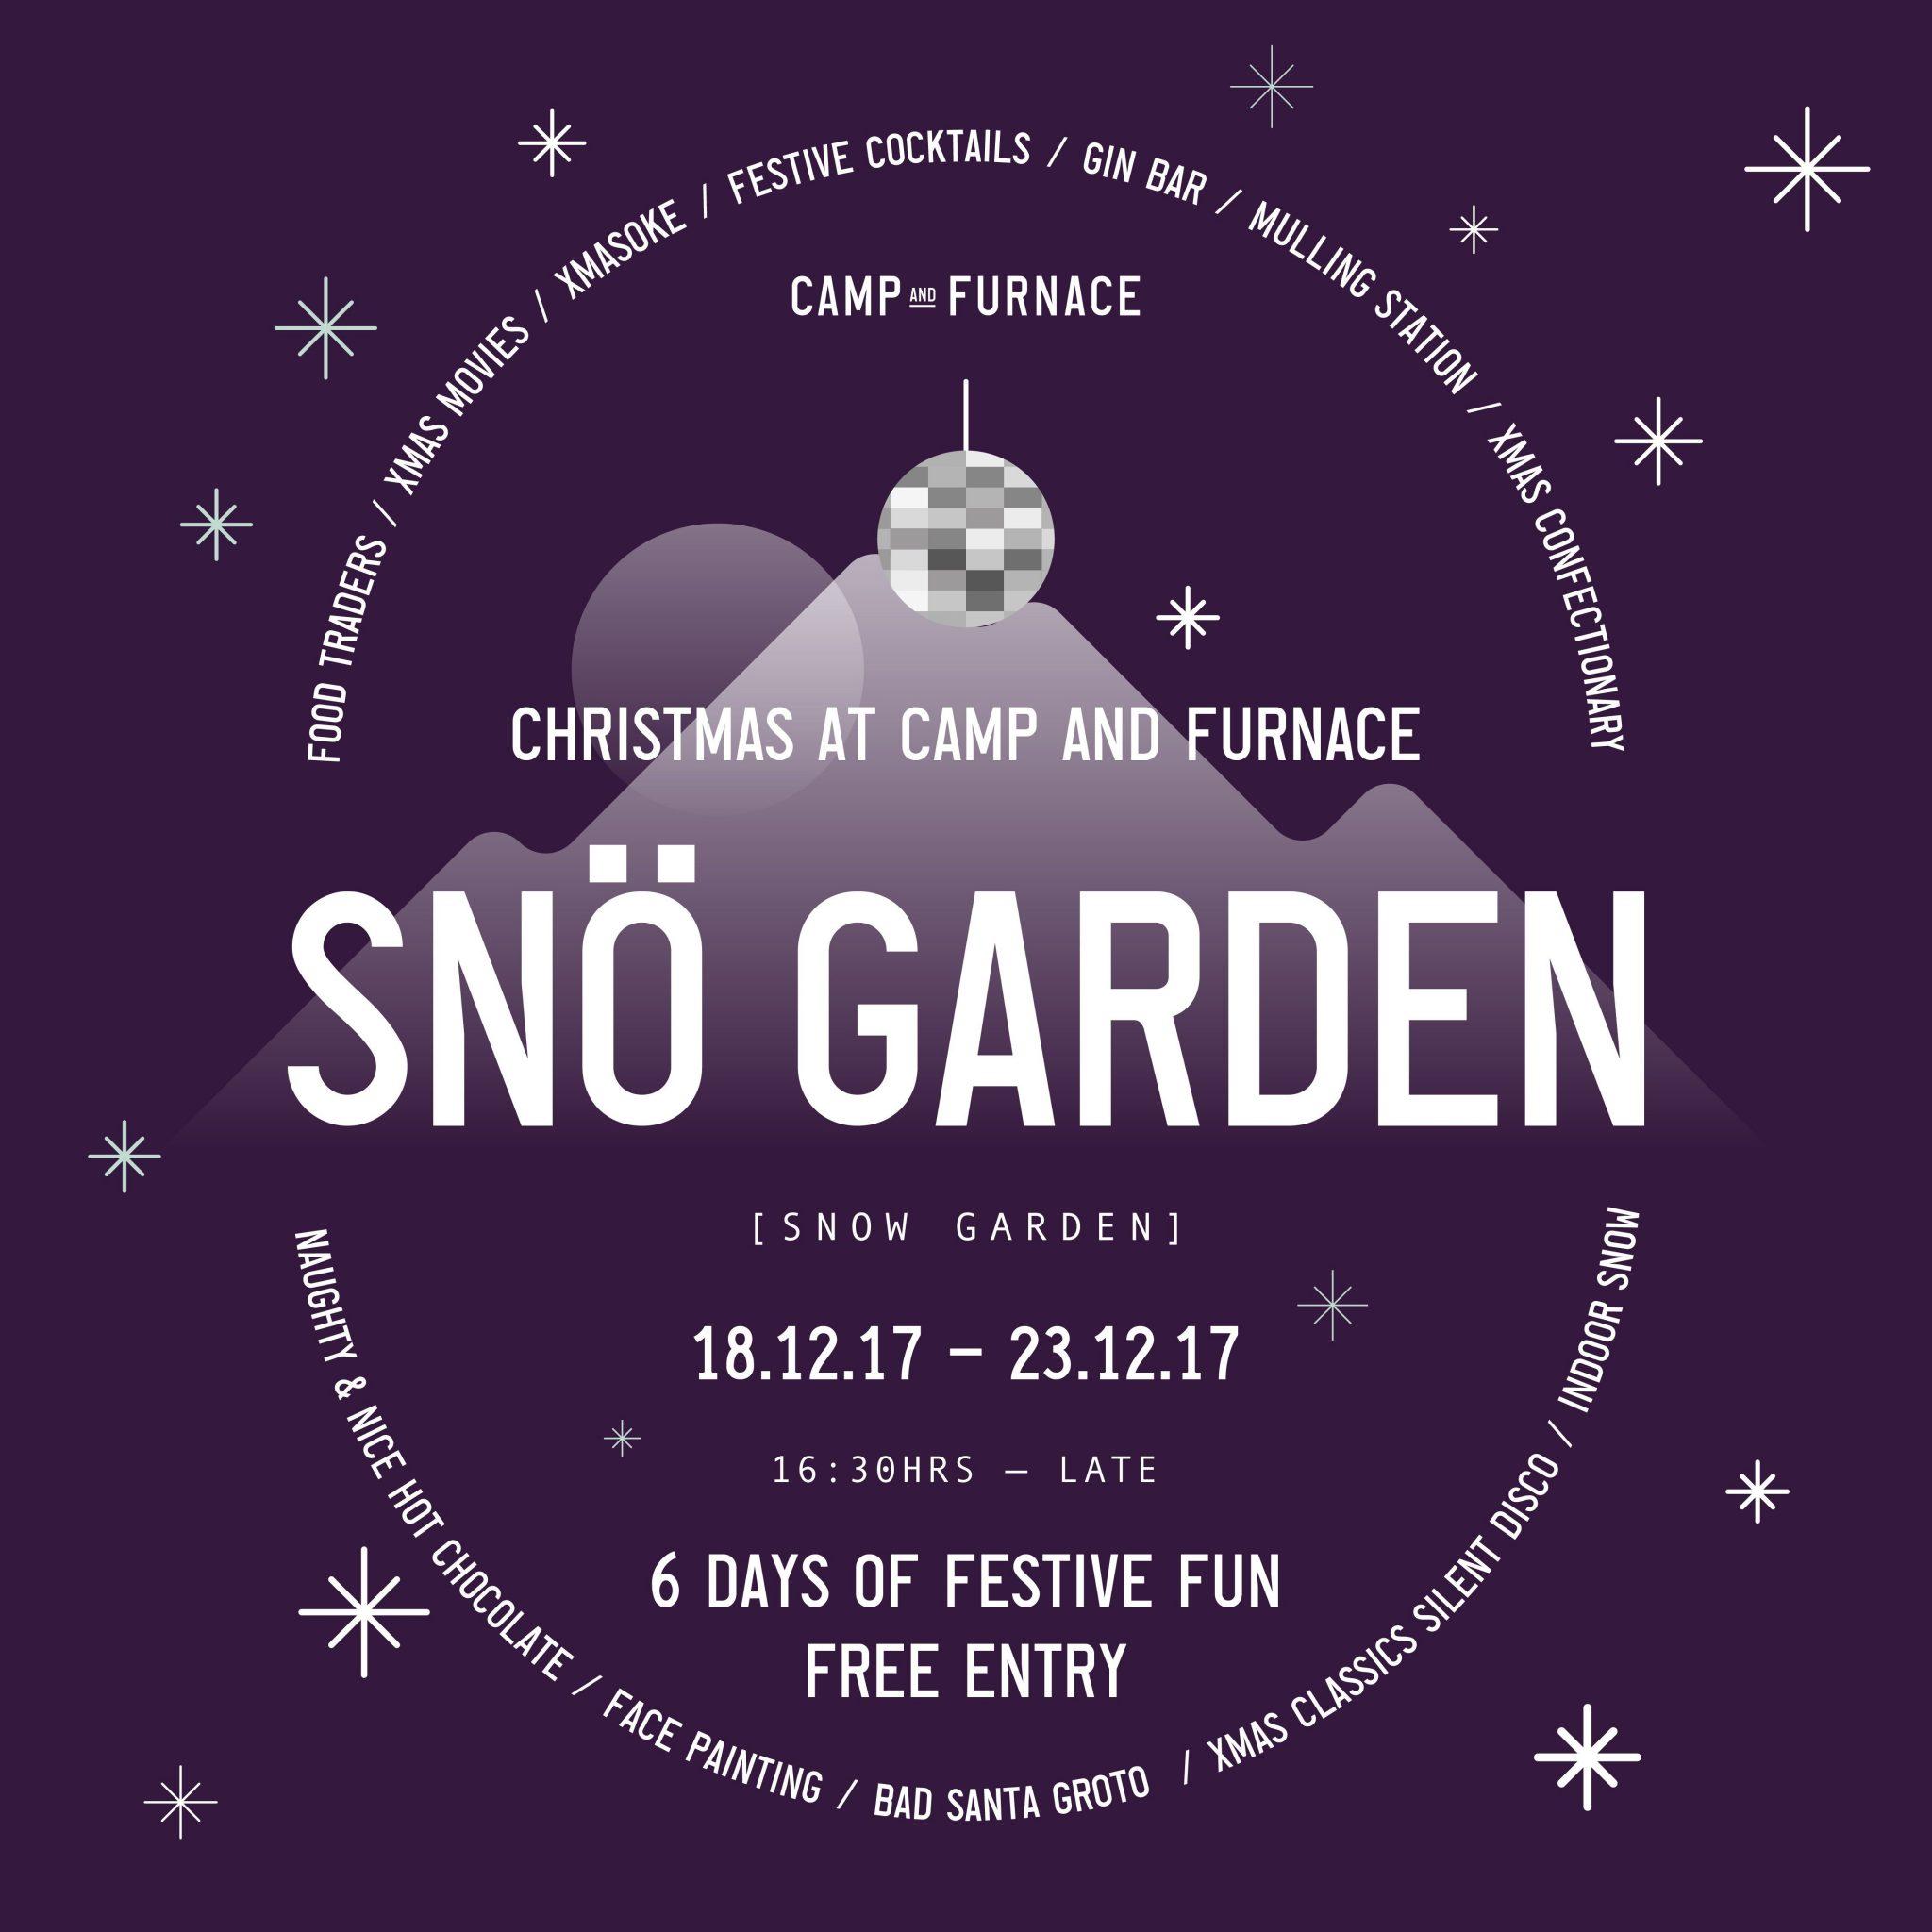 Sno Garden